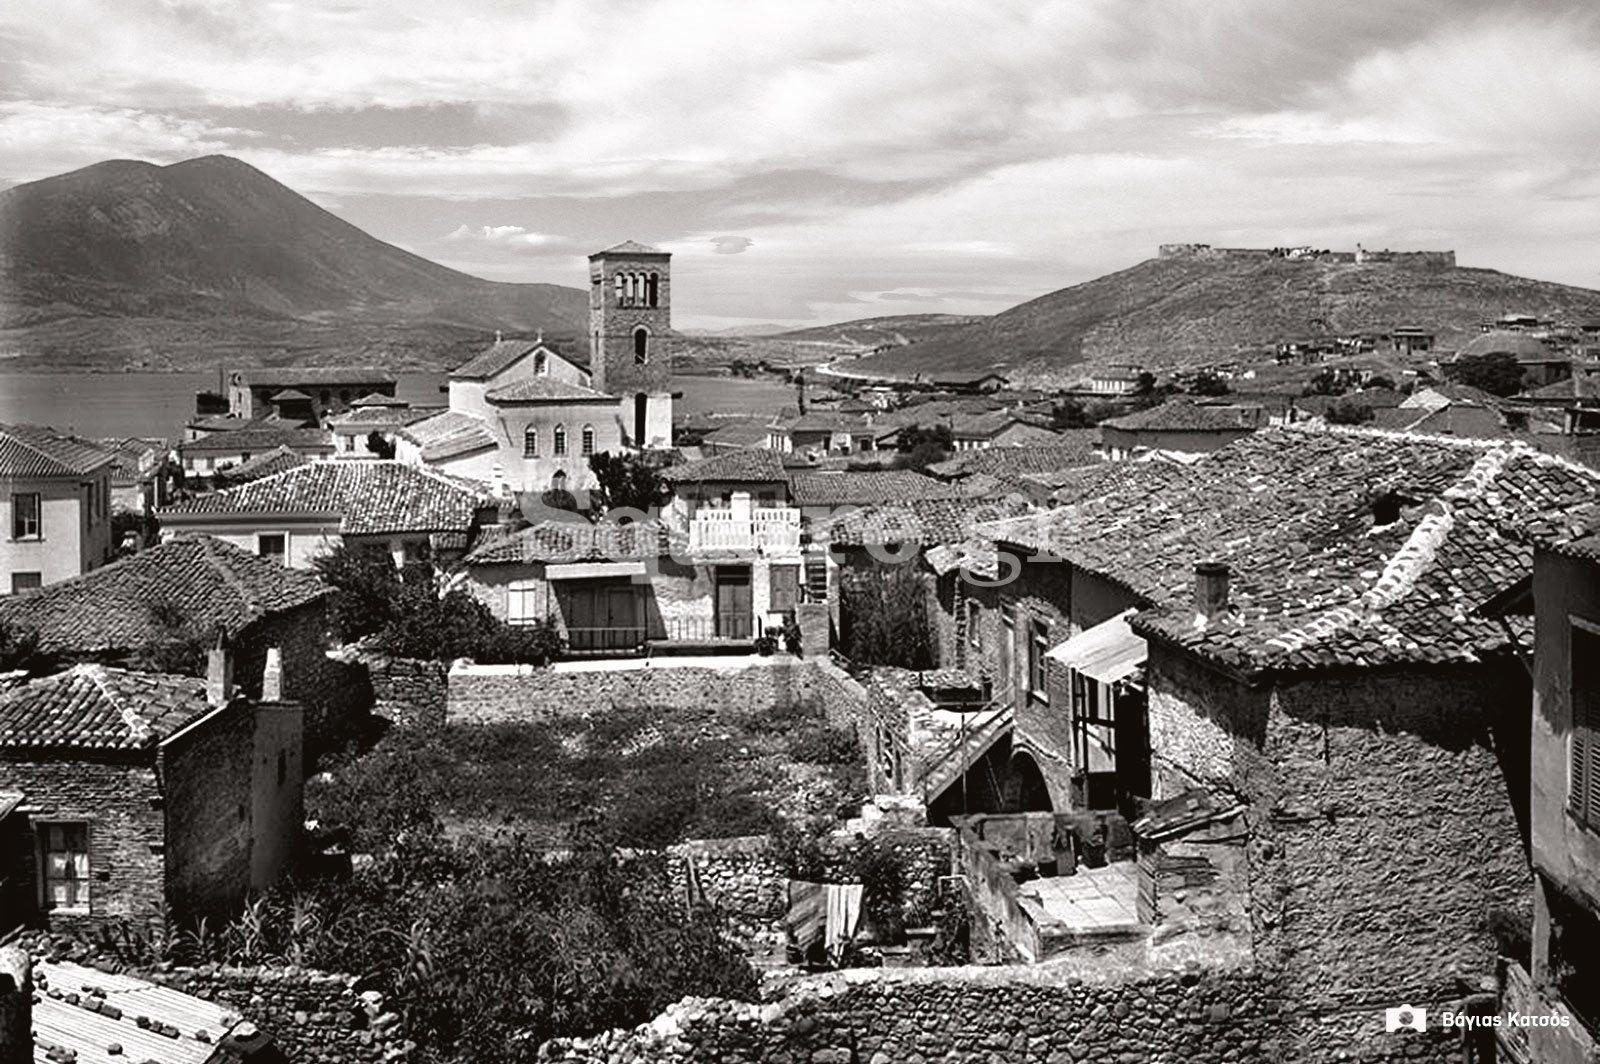 7-Ο-μέγας-και-άκομψος-παλαιός-ναός-της-Αγίας-Παρασκευής-κατά-τον-Παπαδιαμάντη-στη-συνοικία-του-Κάστρου